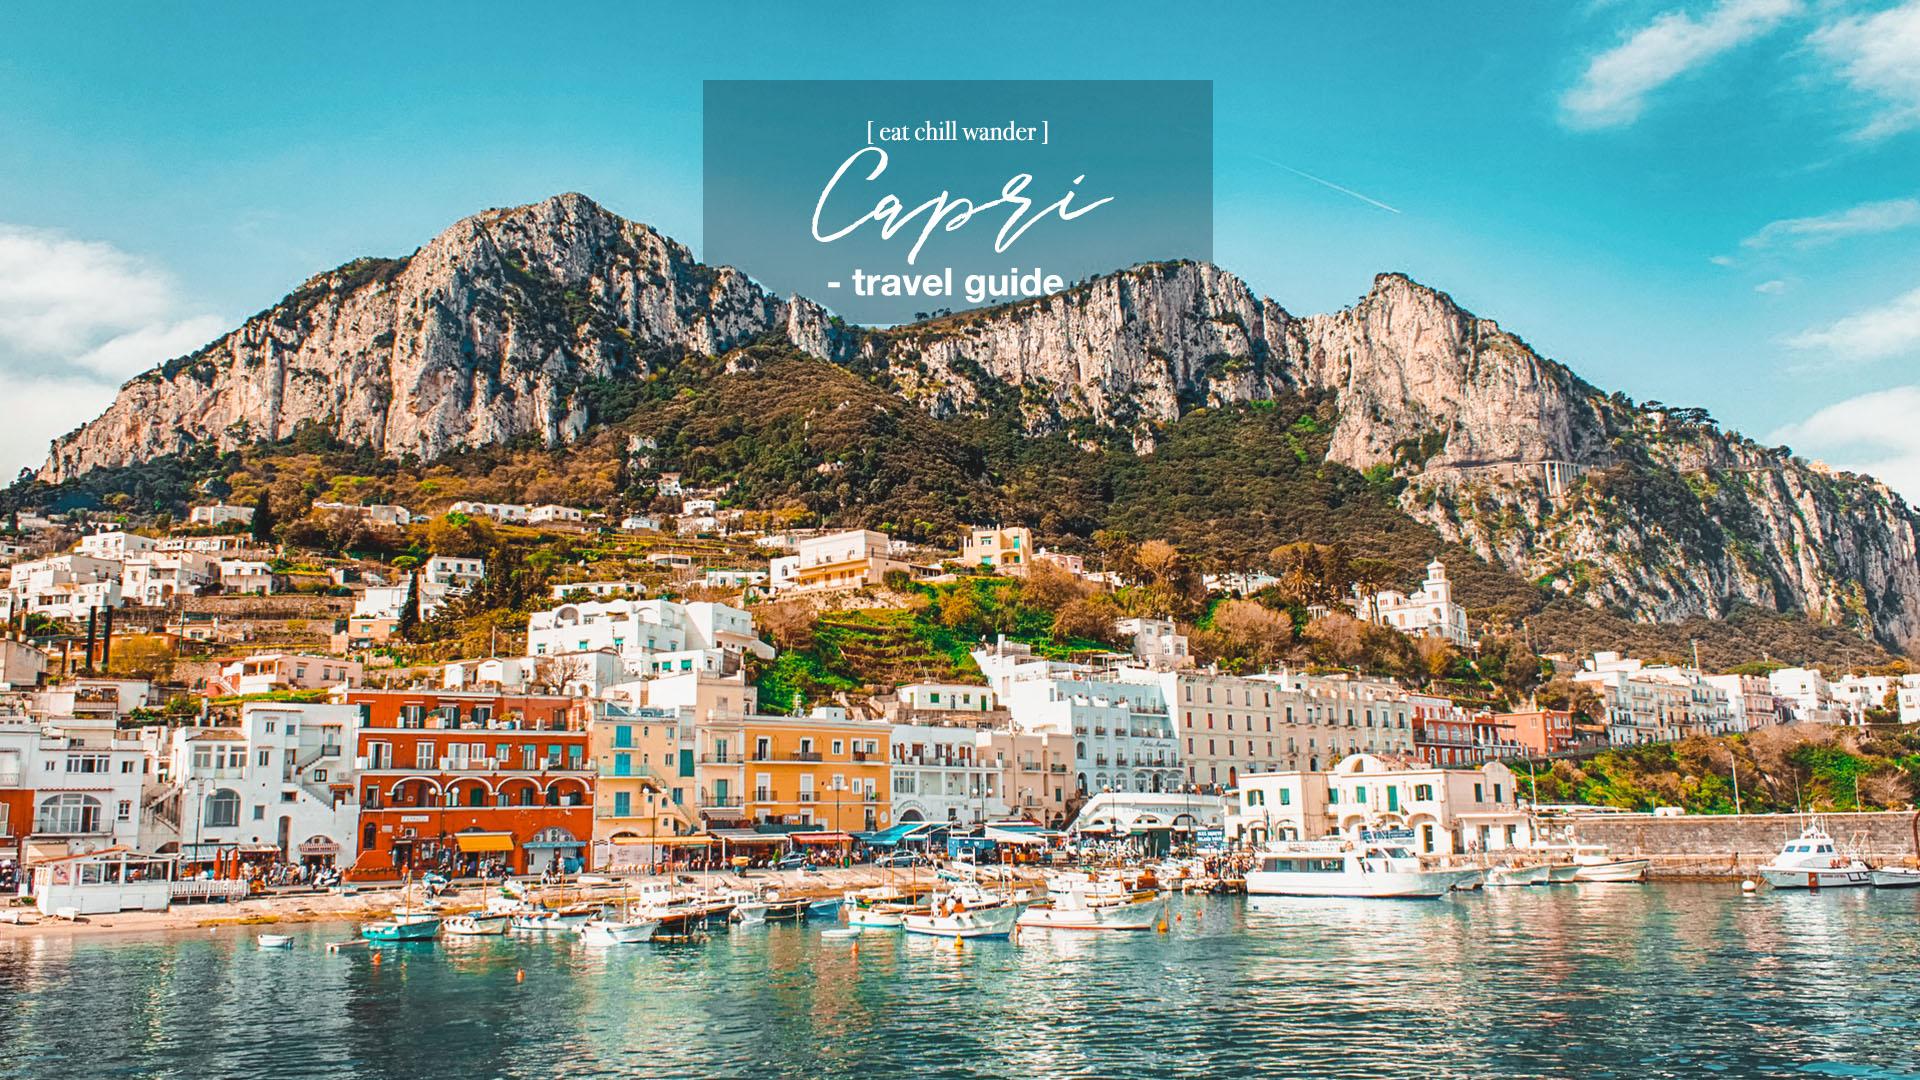 ลุยเดี่ยวเที่ยว Capri เกาะสวรรค์ของเซเลบริตี้ตัวแม่ ใน ...